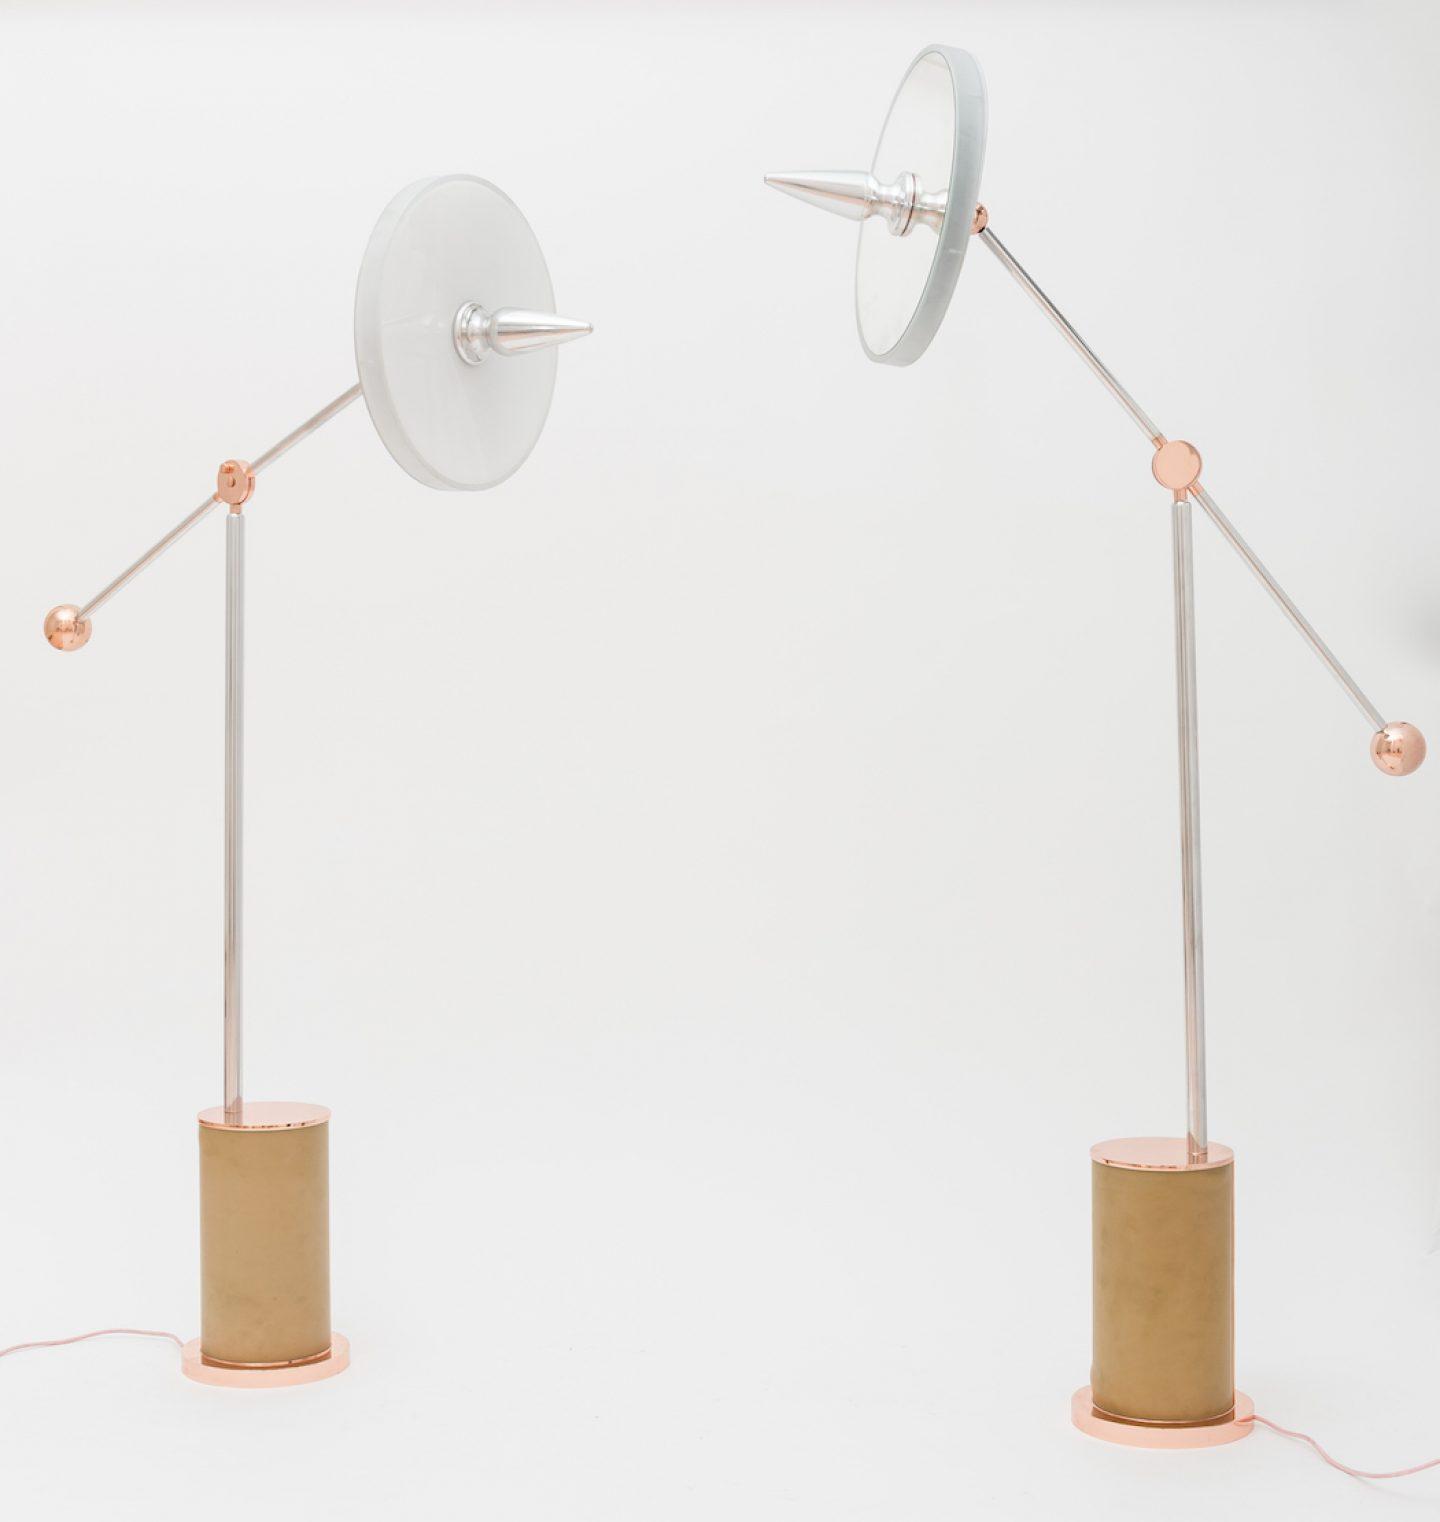 Atelier_Biagetti_Design_cocoritto